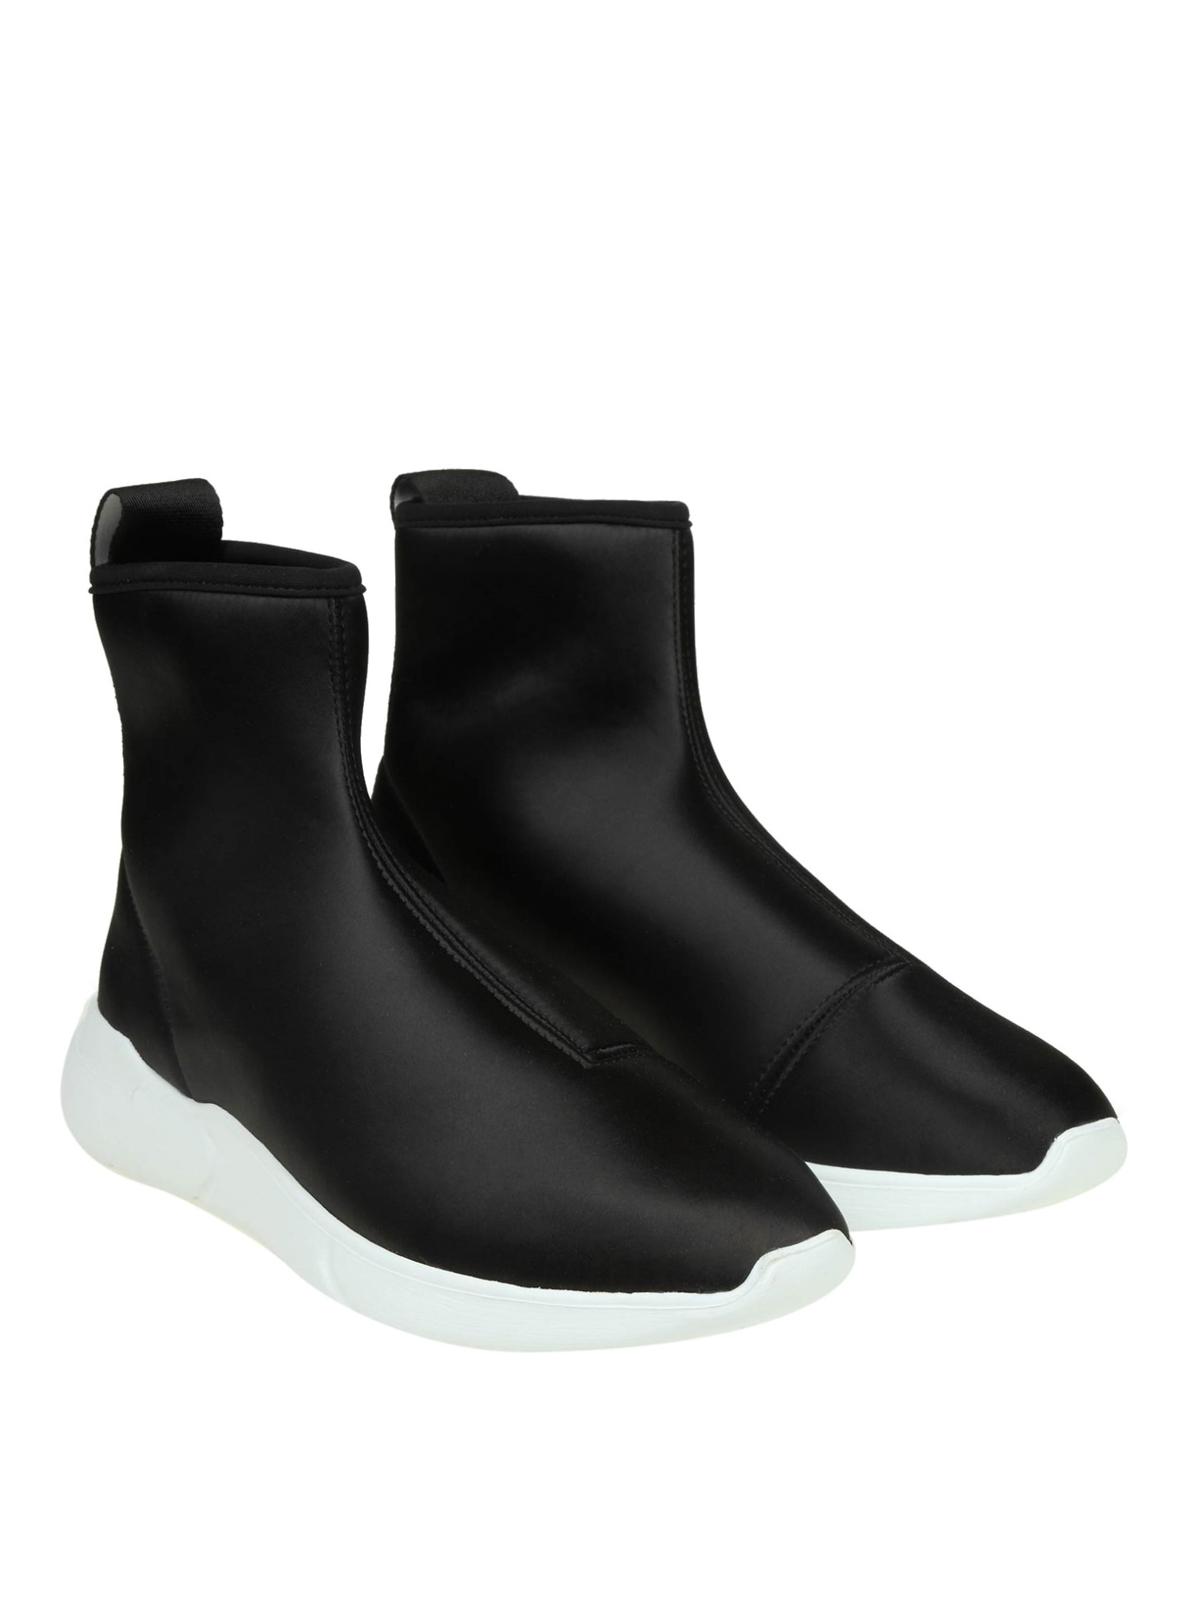 MOSCHINO  sneakers online - Sneaker a calza in raso con banda logo 742a2a5bce4